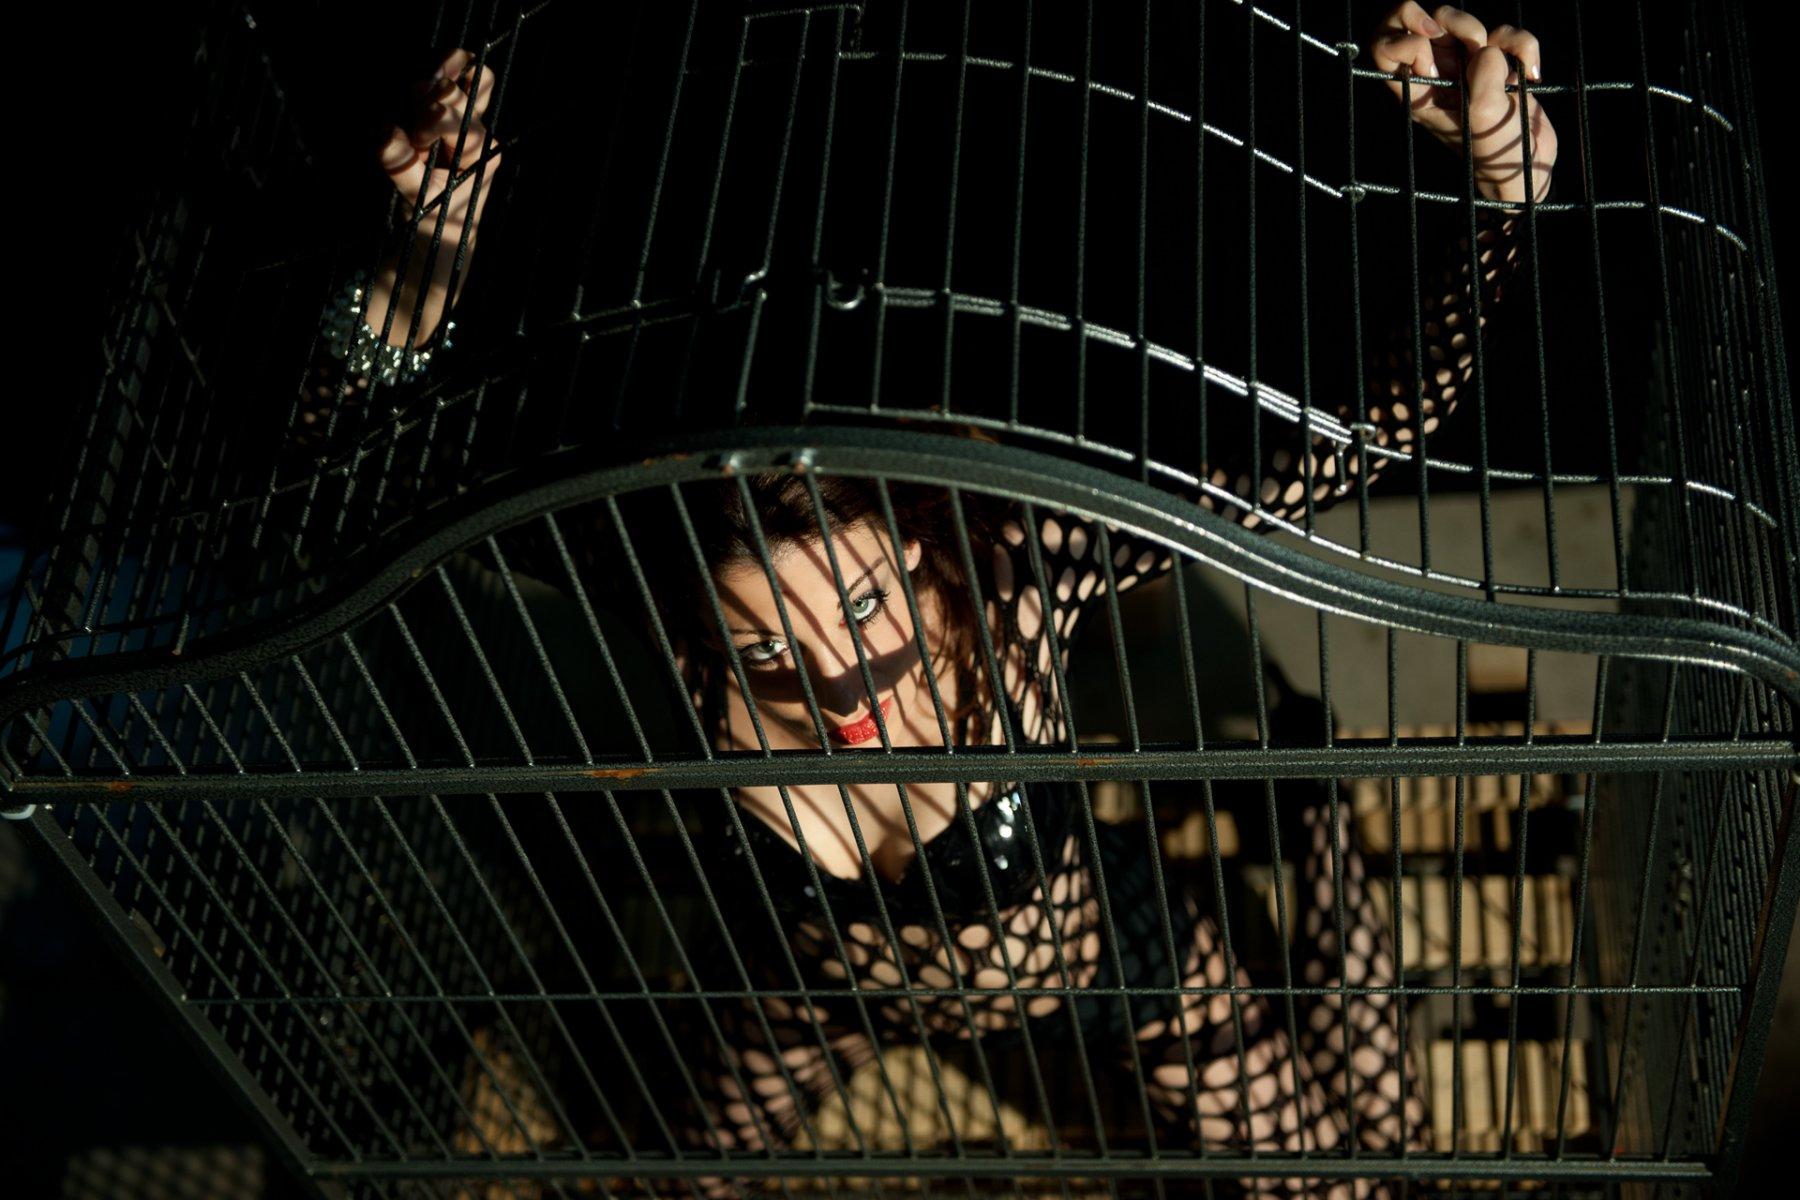 100-Alessandra-Casale Women (18+)